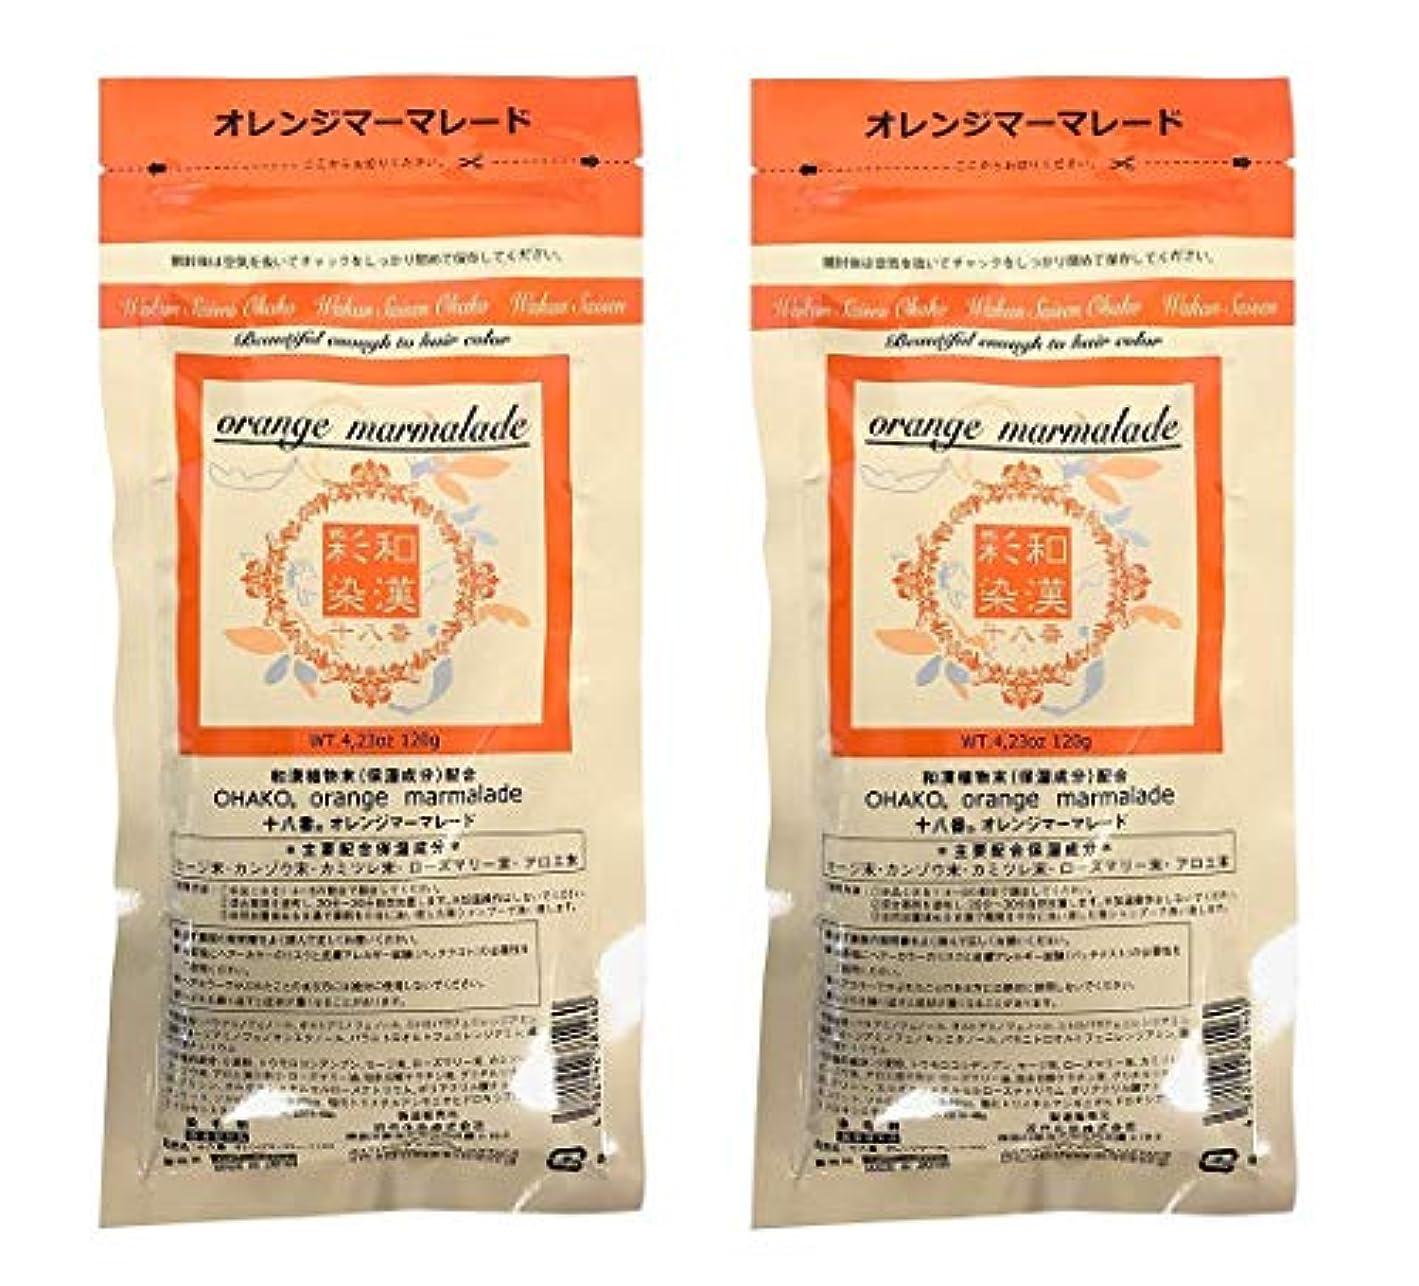 素朴なサイレントコメント【2個セット】グランデックス 和漢彩染 十八番 120g オレンジママーレード